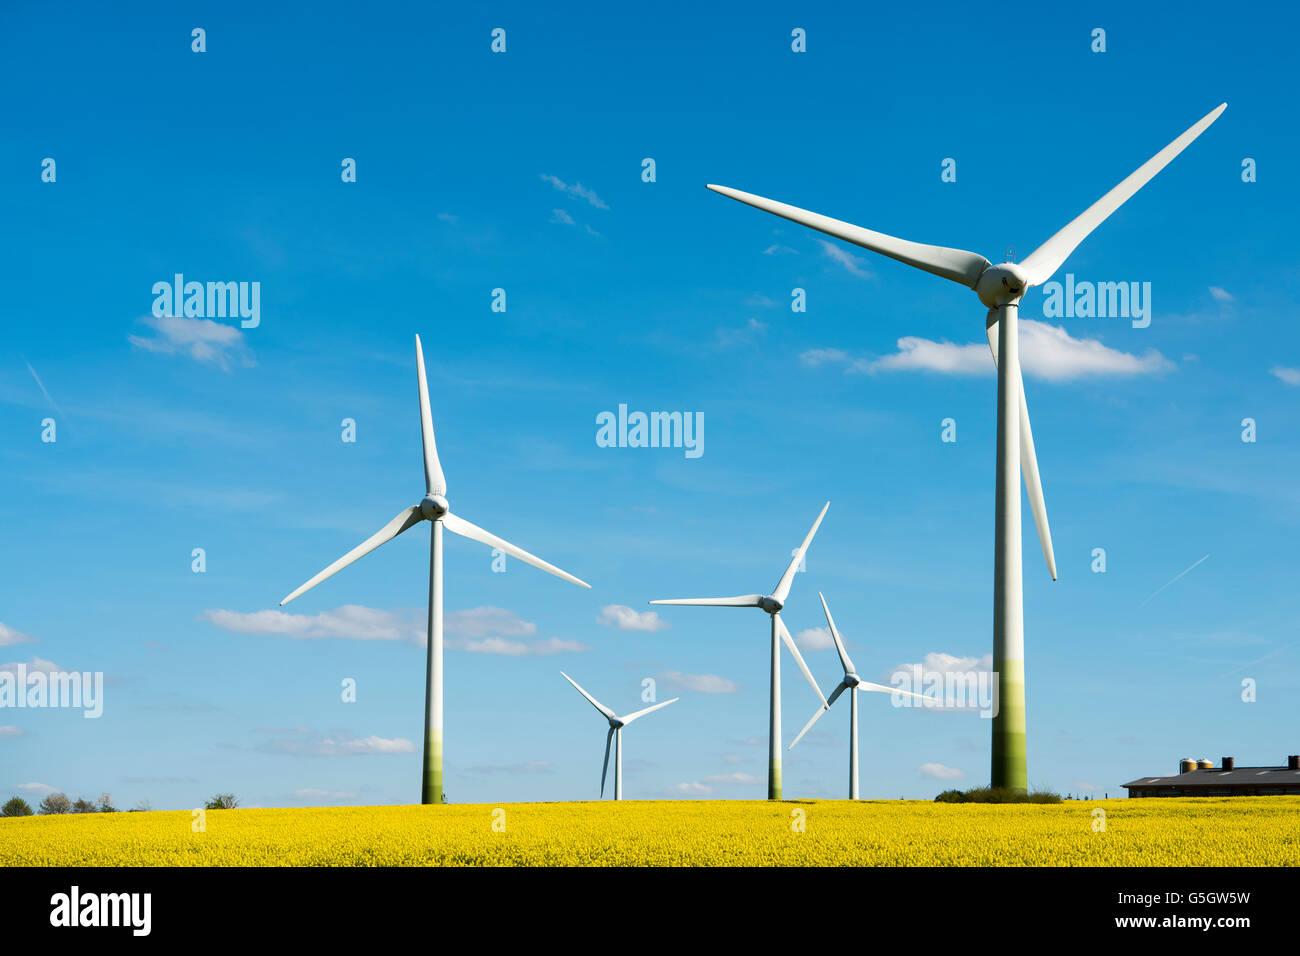 Deutschland, Nordrhein-Westfalen, Kreis Soest, Warstein-Belecke, Windpark Belecke - Stock Image